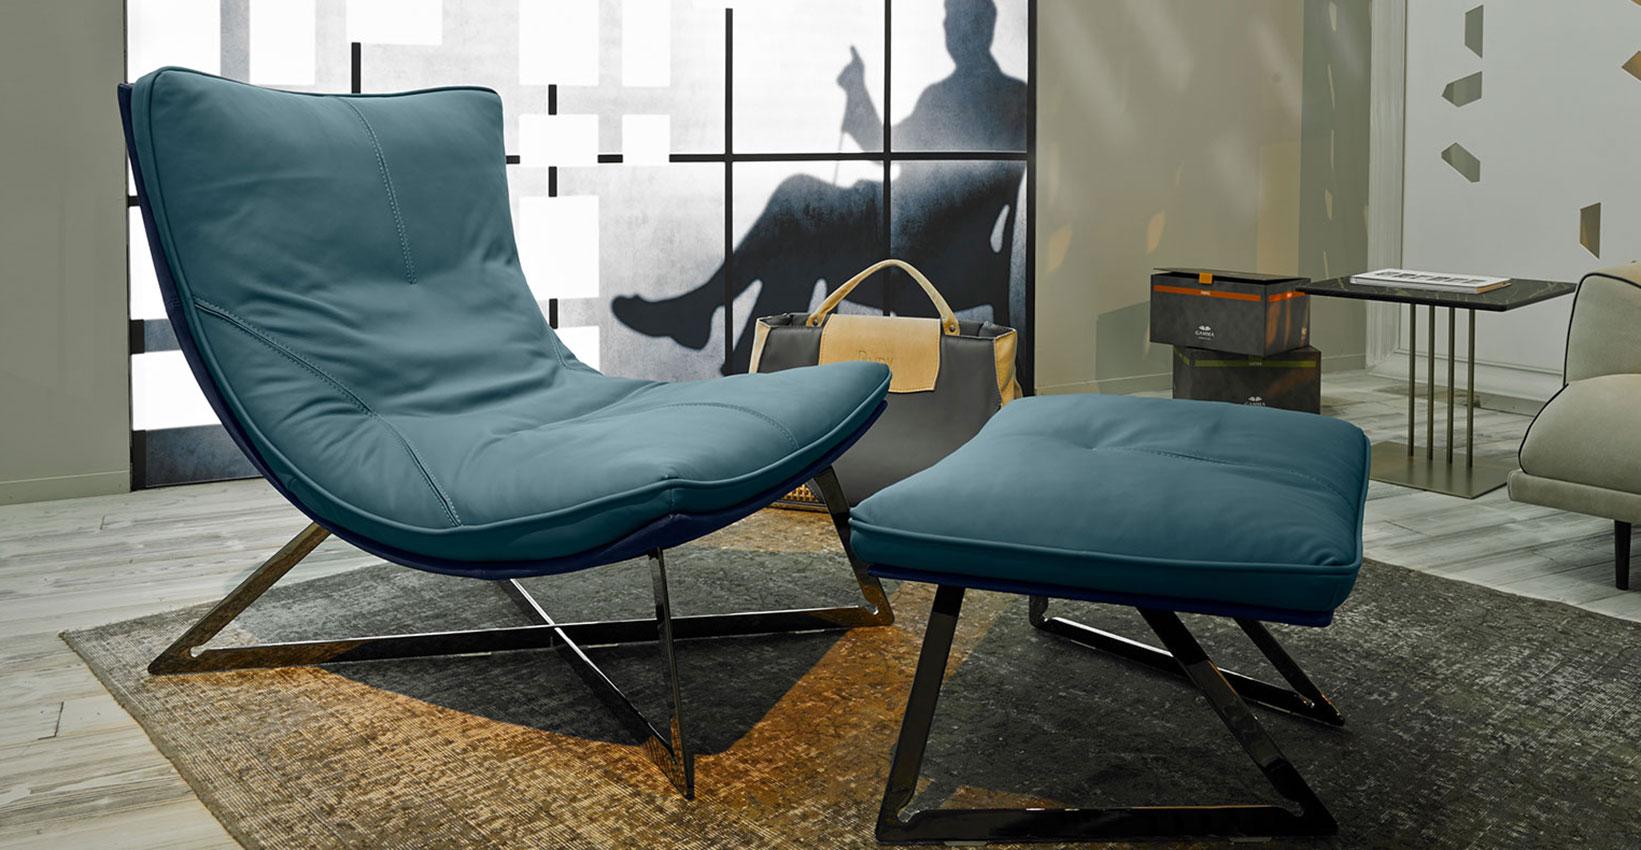 Poltrone Chaise Longue Design.Poltrona Scarlett Gamma Arredamenti